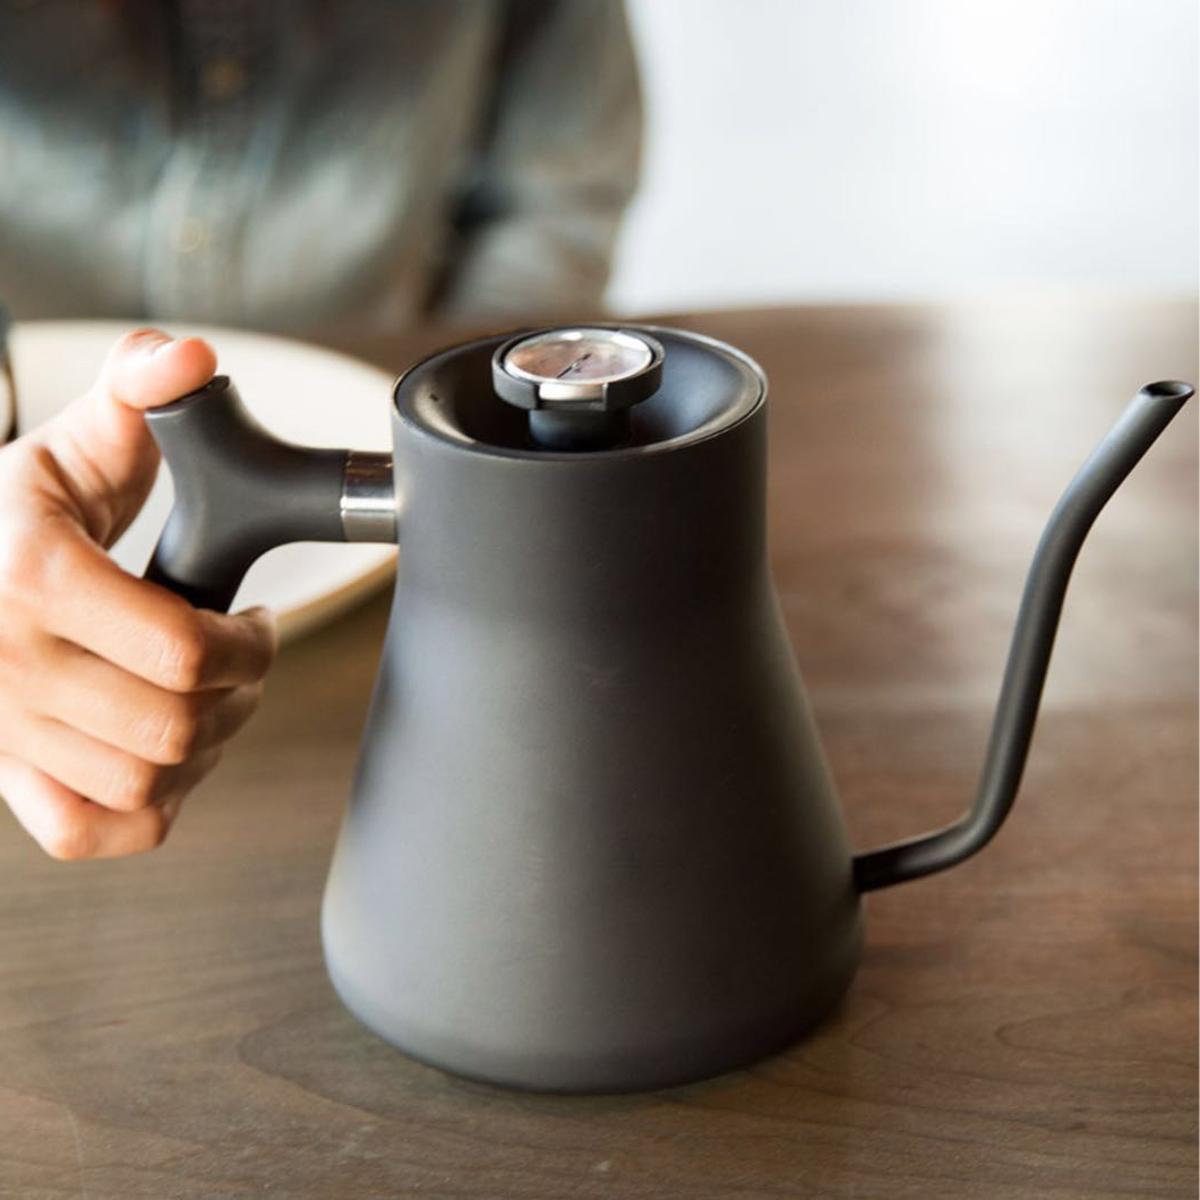 お湯の温度が計れる「ケトル」|適温で淹れれば、コーヒー・お茶が美味しくなる